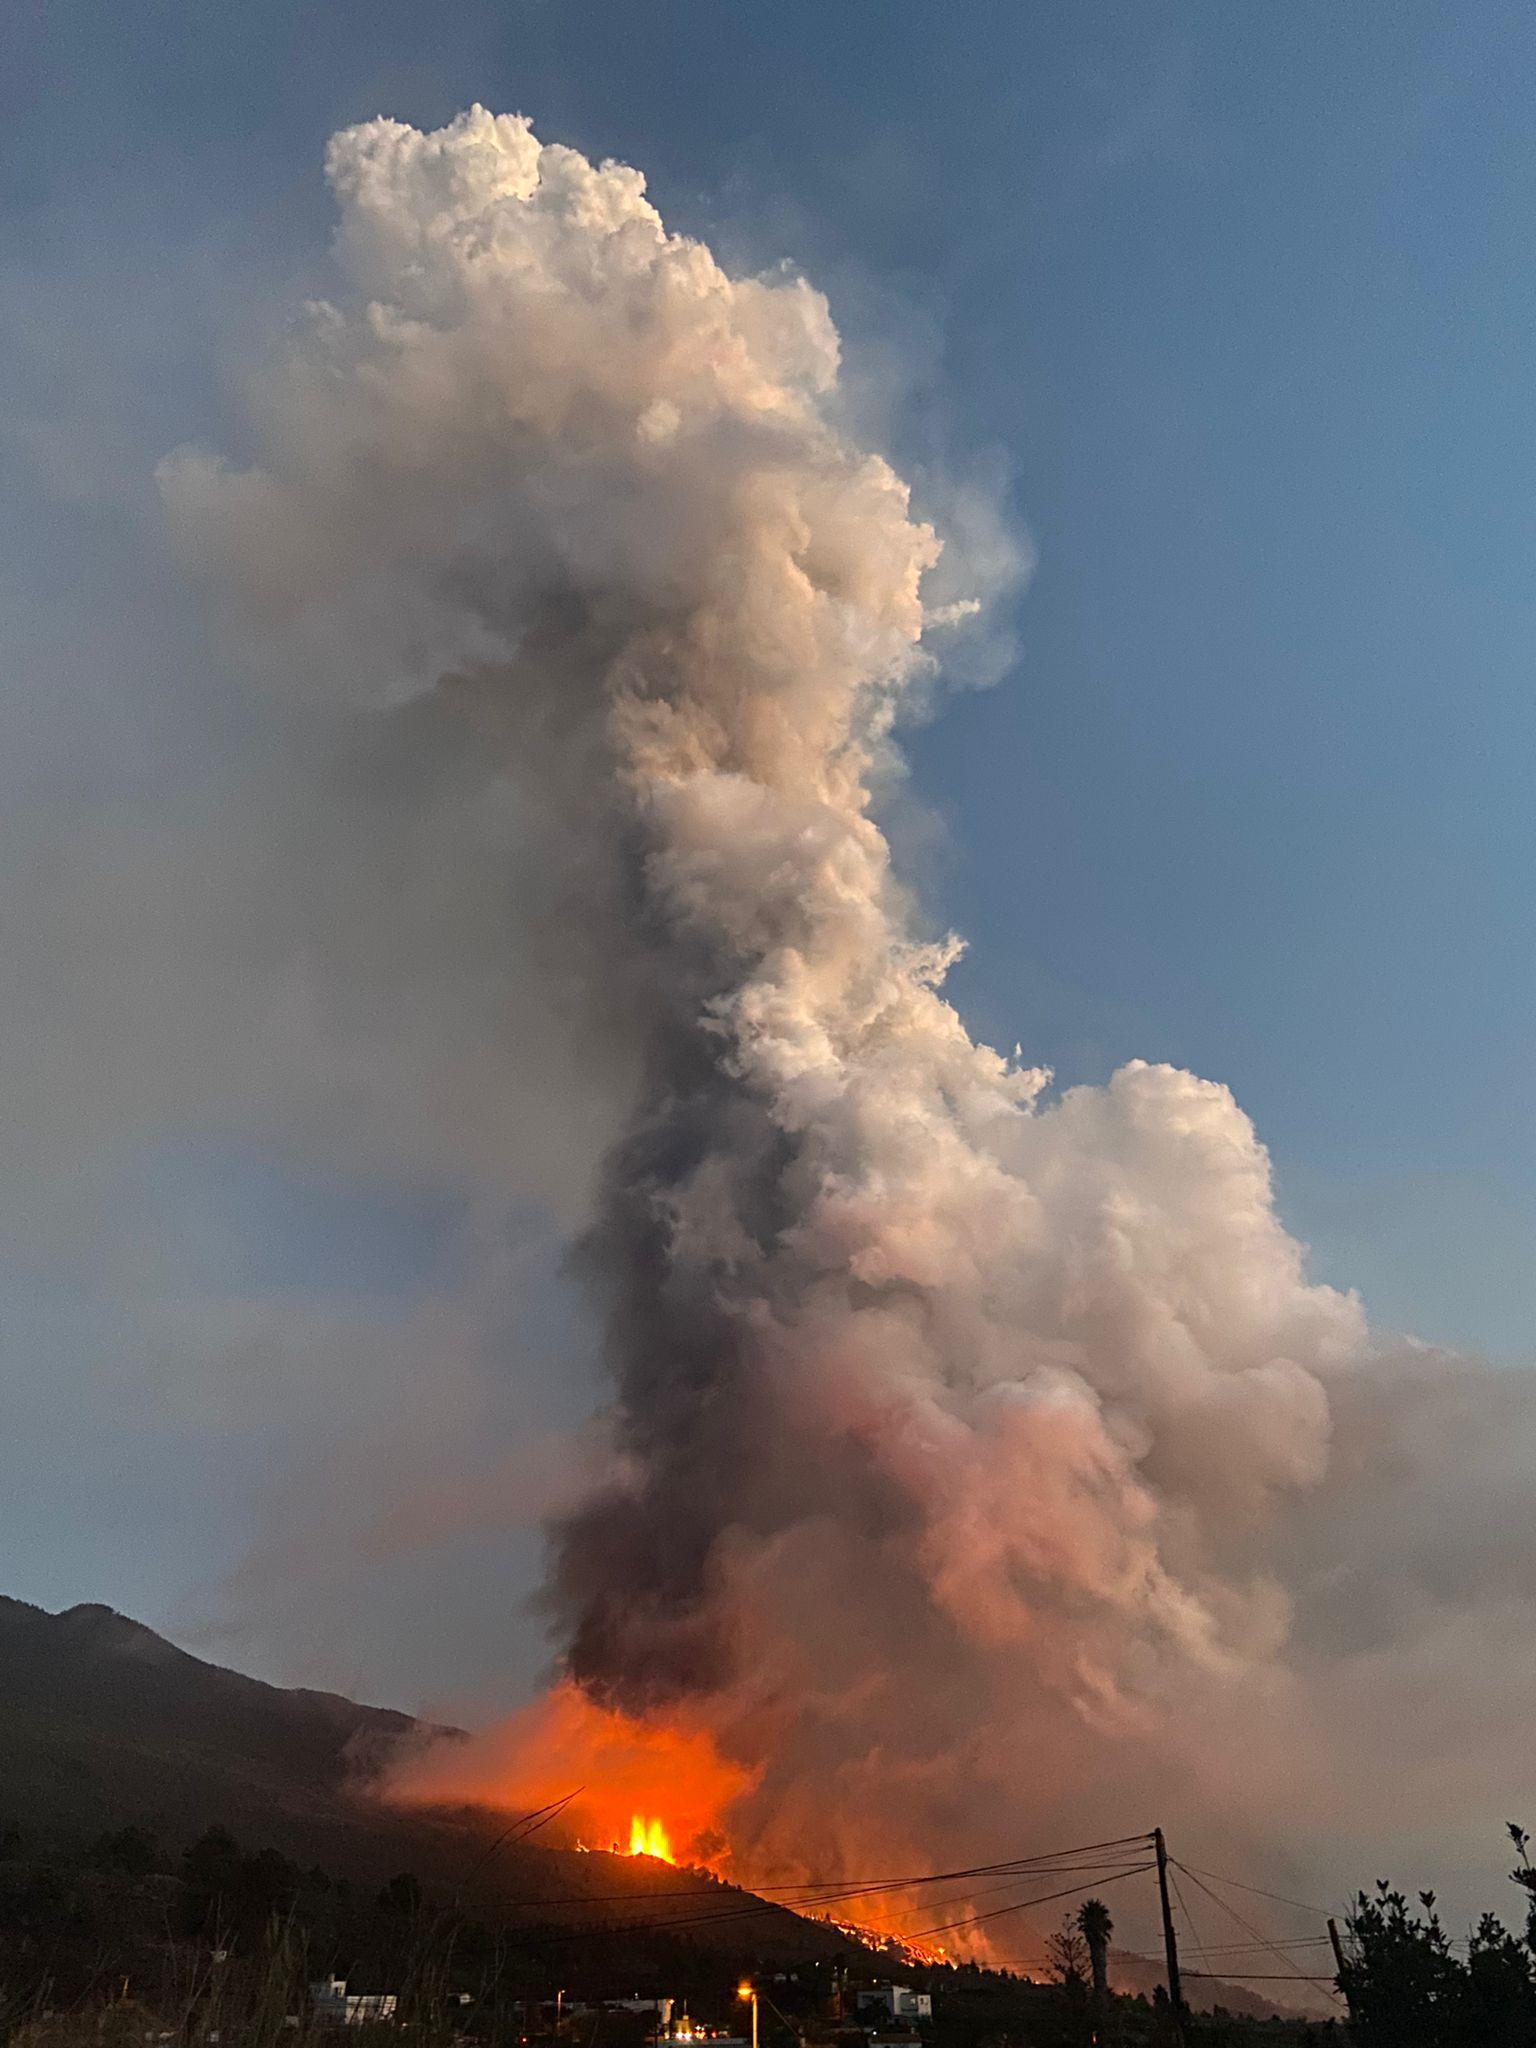 """Luis Alberto Rodríguez, jefe de ingeniería del Gran Telescopio de Canarias: """"El ruido del volcán es indescriptible, no puedes escapar de él"""""""